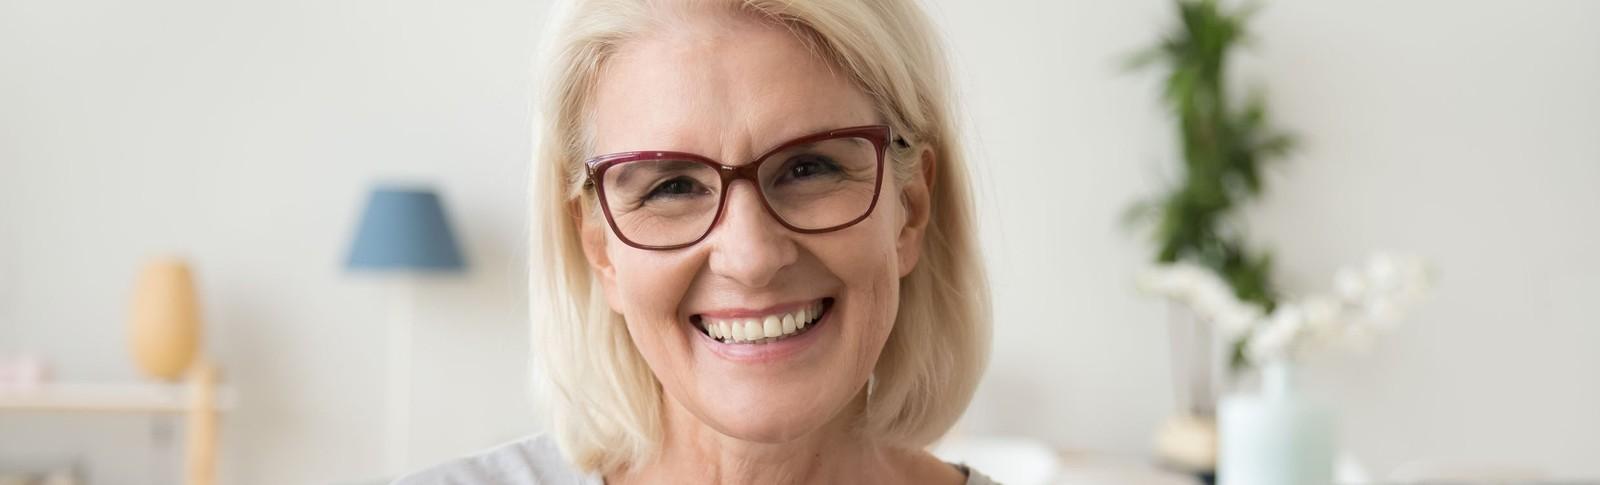 ältere blonde Frau lächelt nach erfolgreicher Mimikfalten-Behandlung in den Moser Kliniken